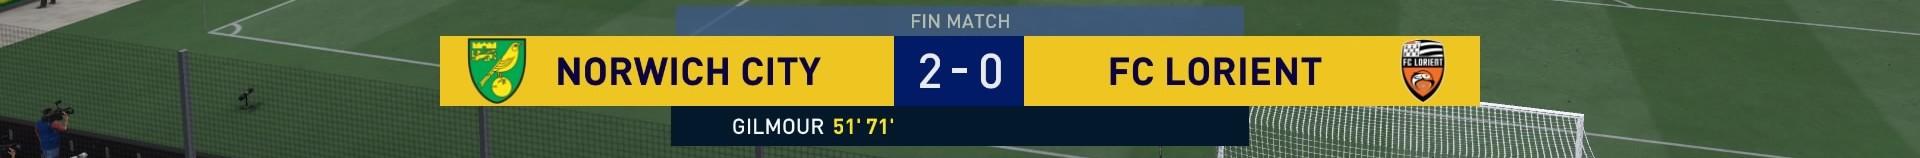 [FIFA 22] Story | Les Canaries à l'aube d'une nouvelle ère Fifa_239